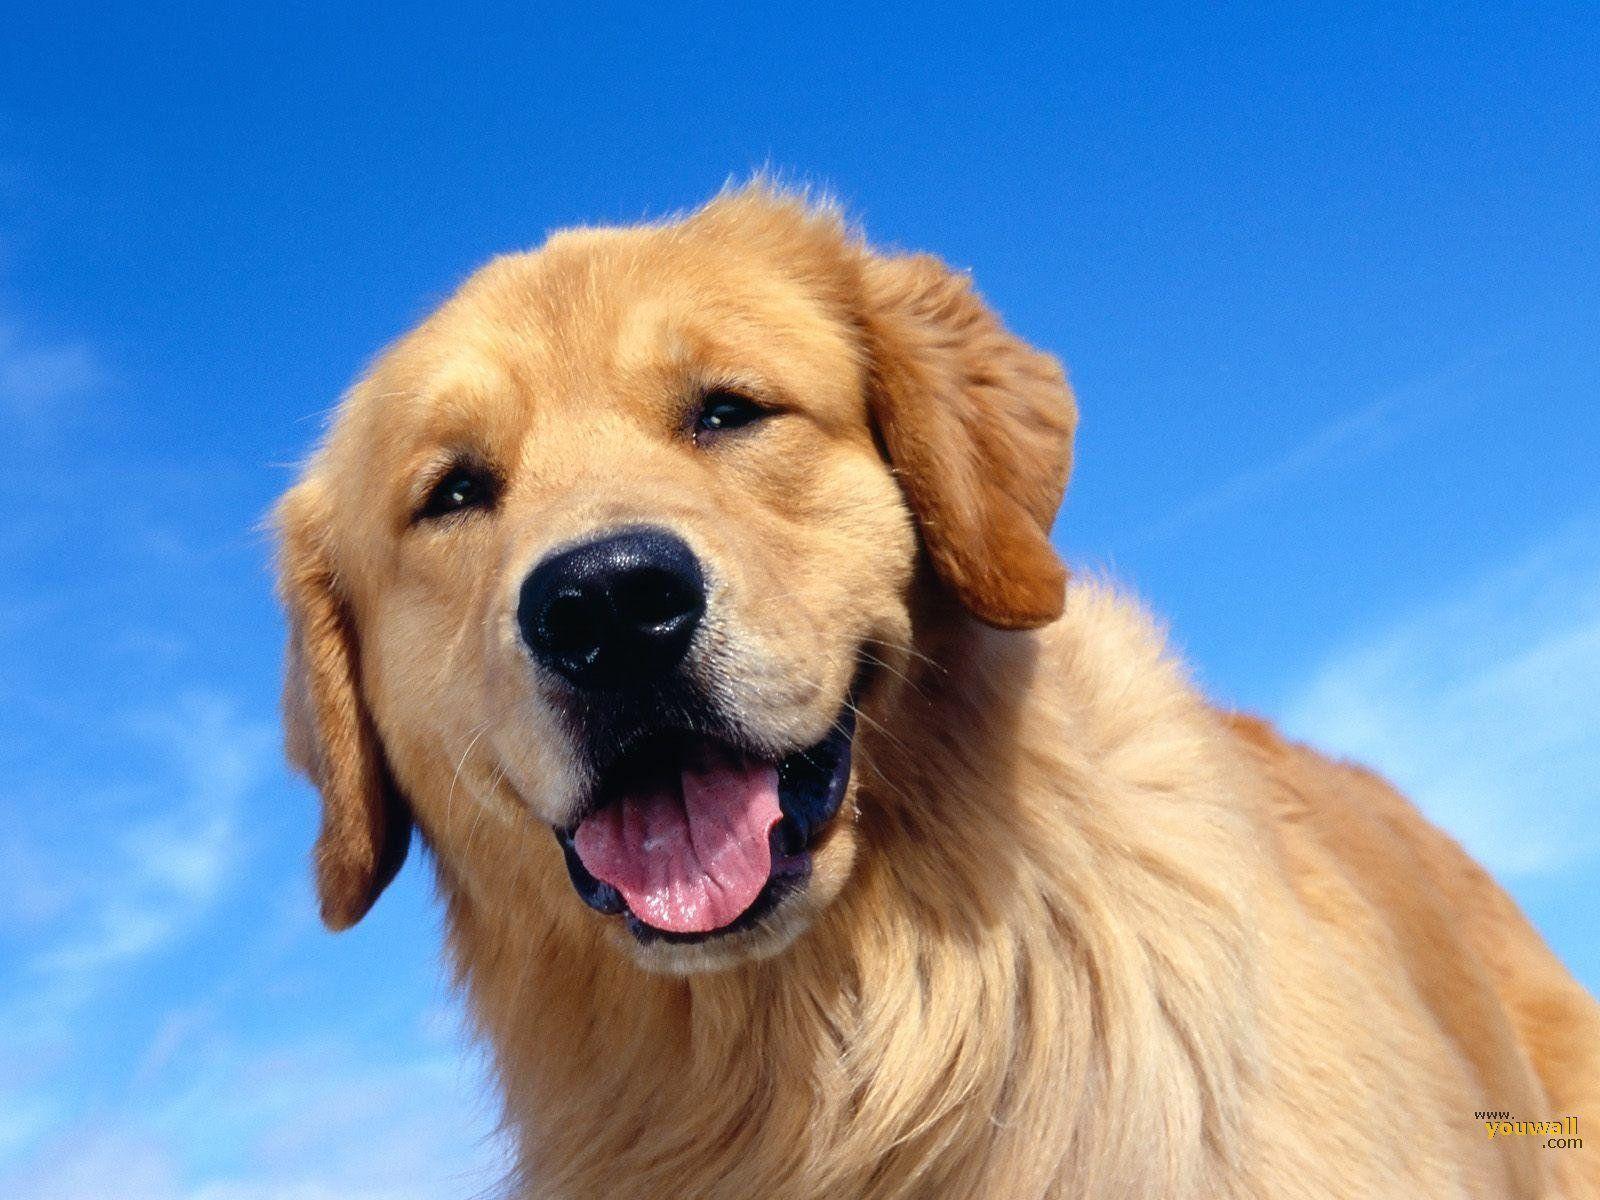 Bộ sưu tập hình nền con chó lớn 1600x1200